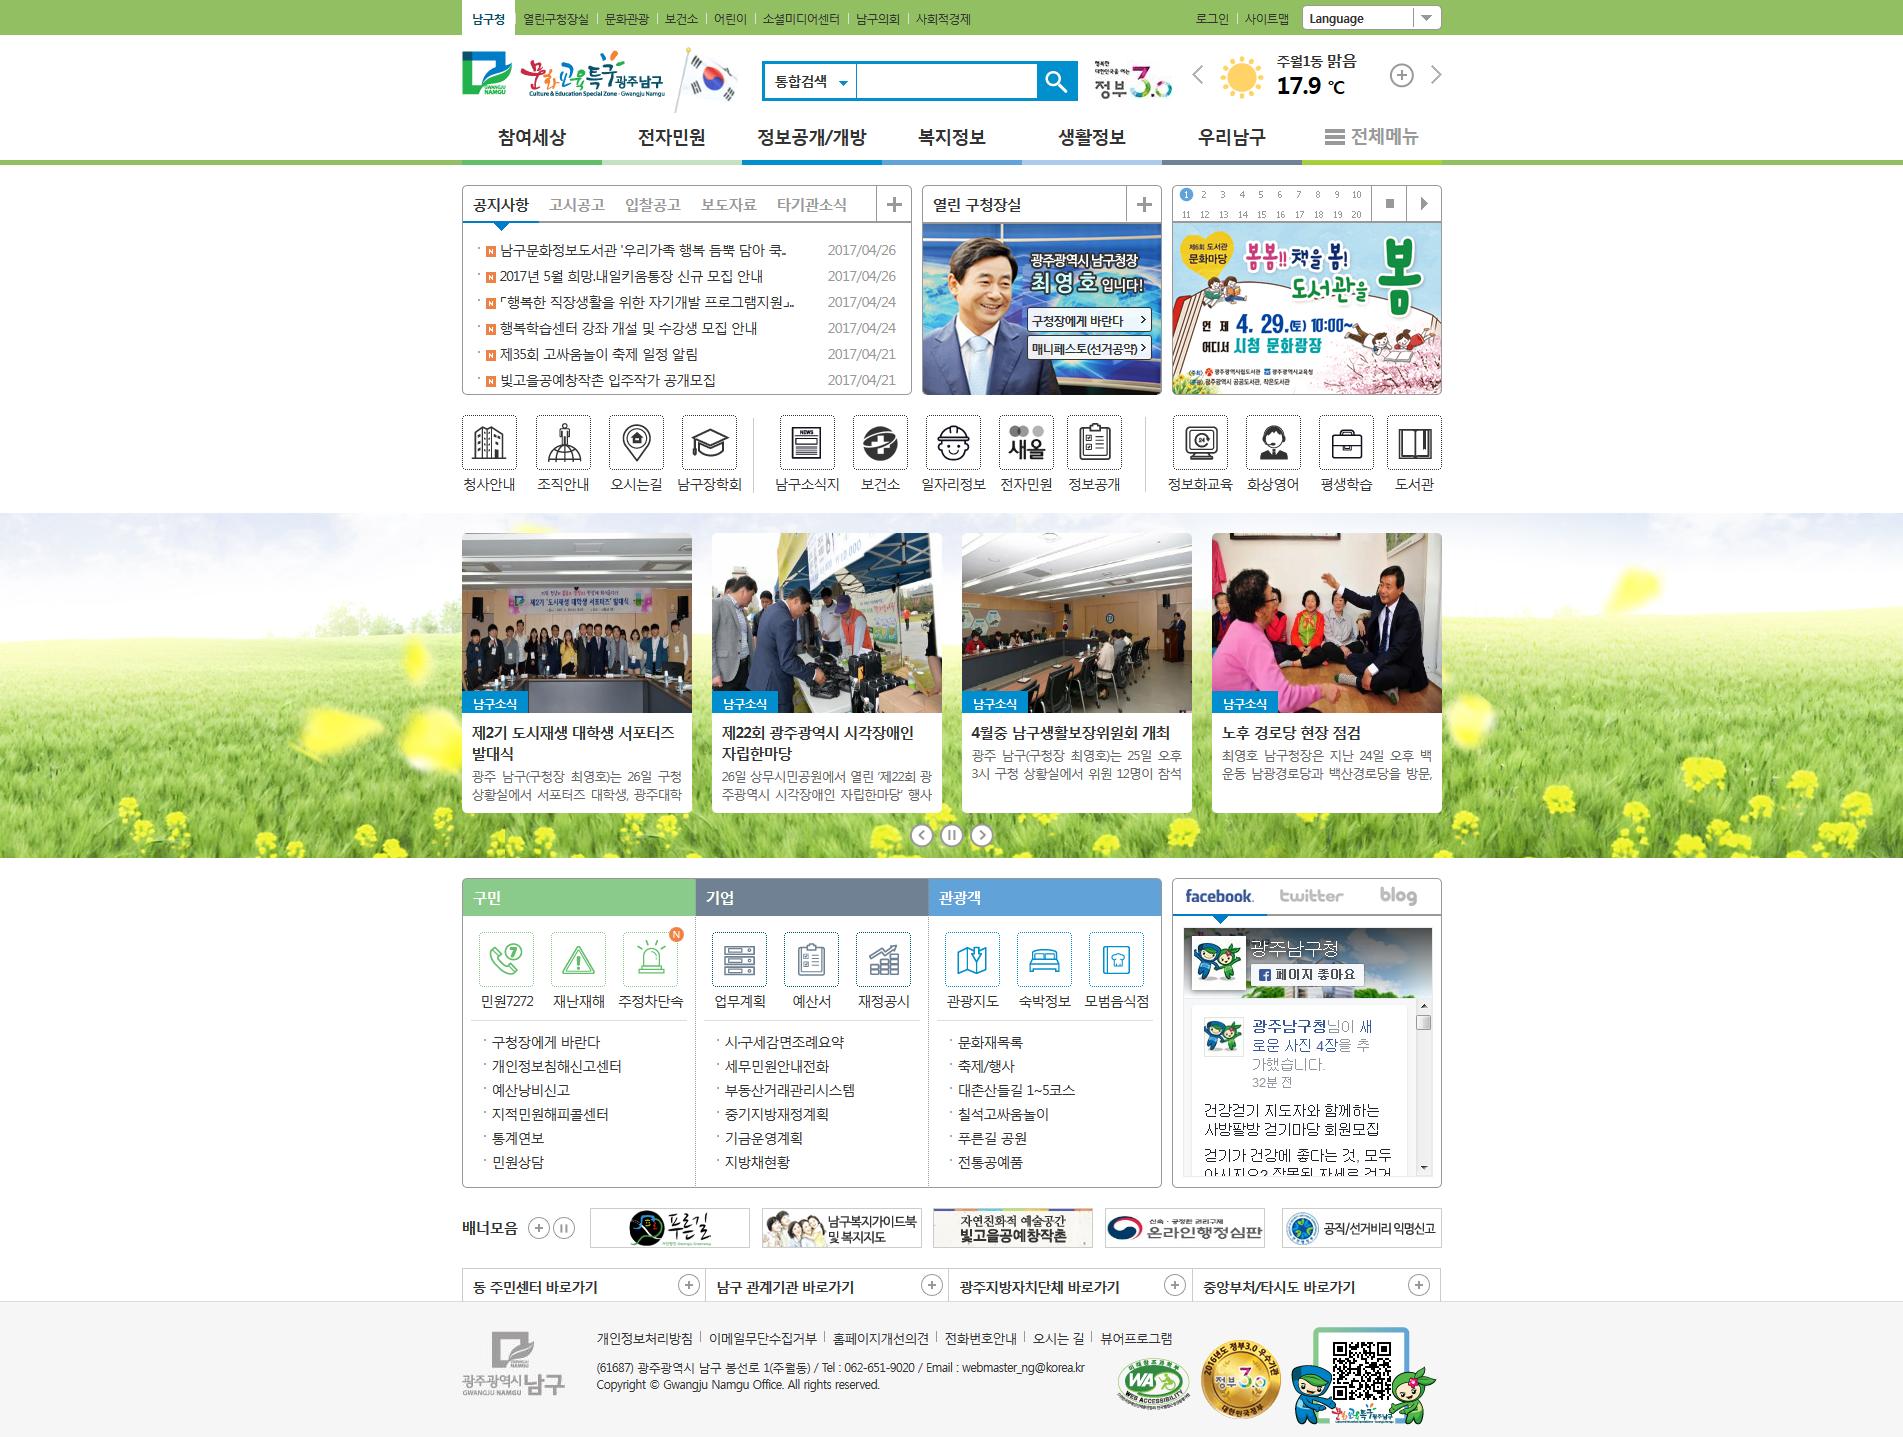 2015년 광주광역시 남구청